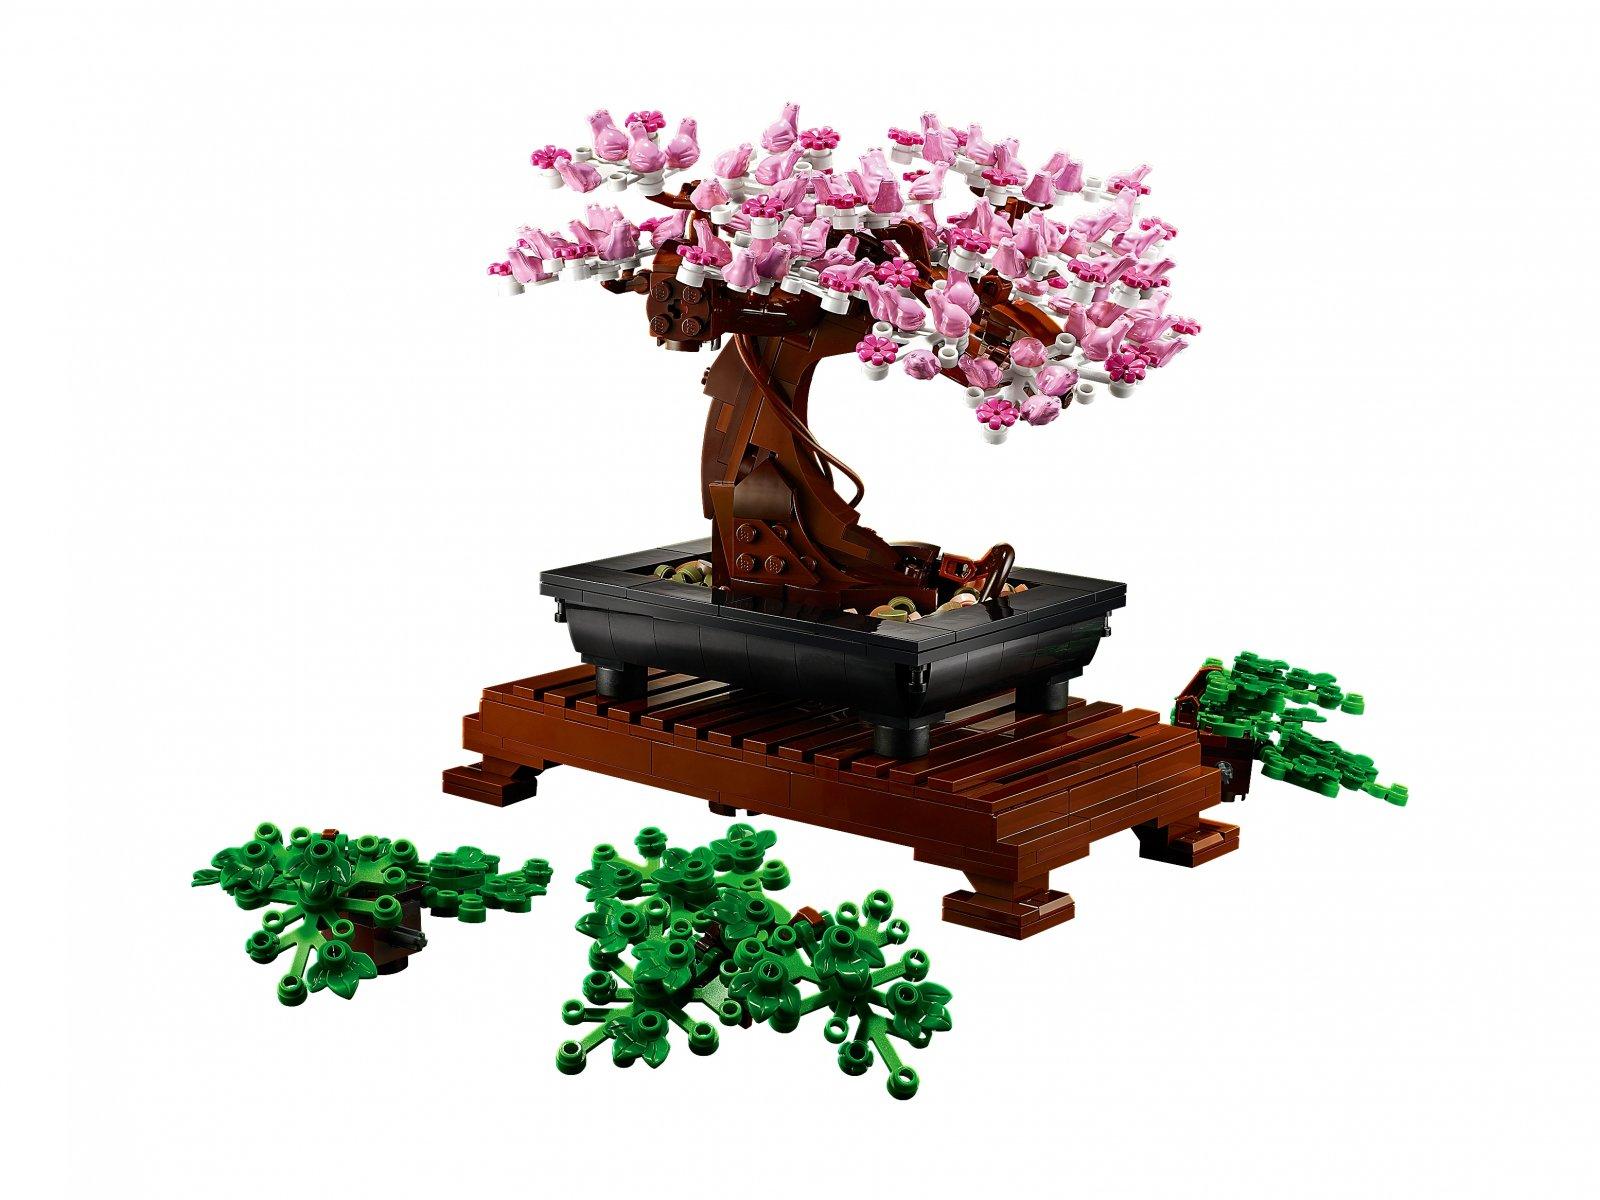 LEGO 10281 Drzewko bonsai